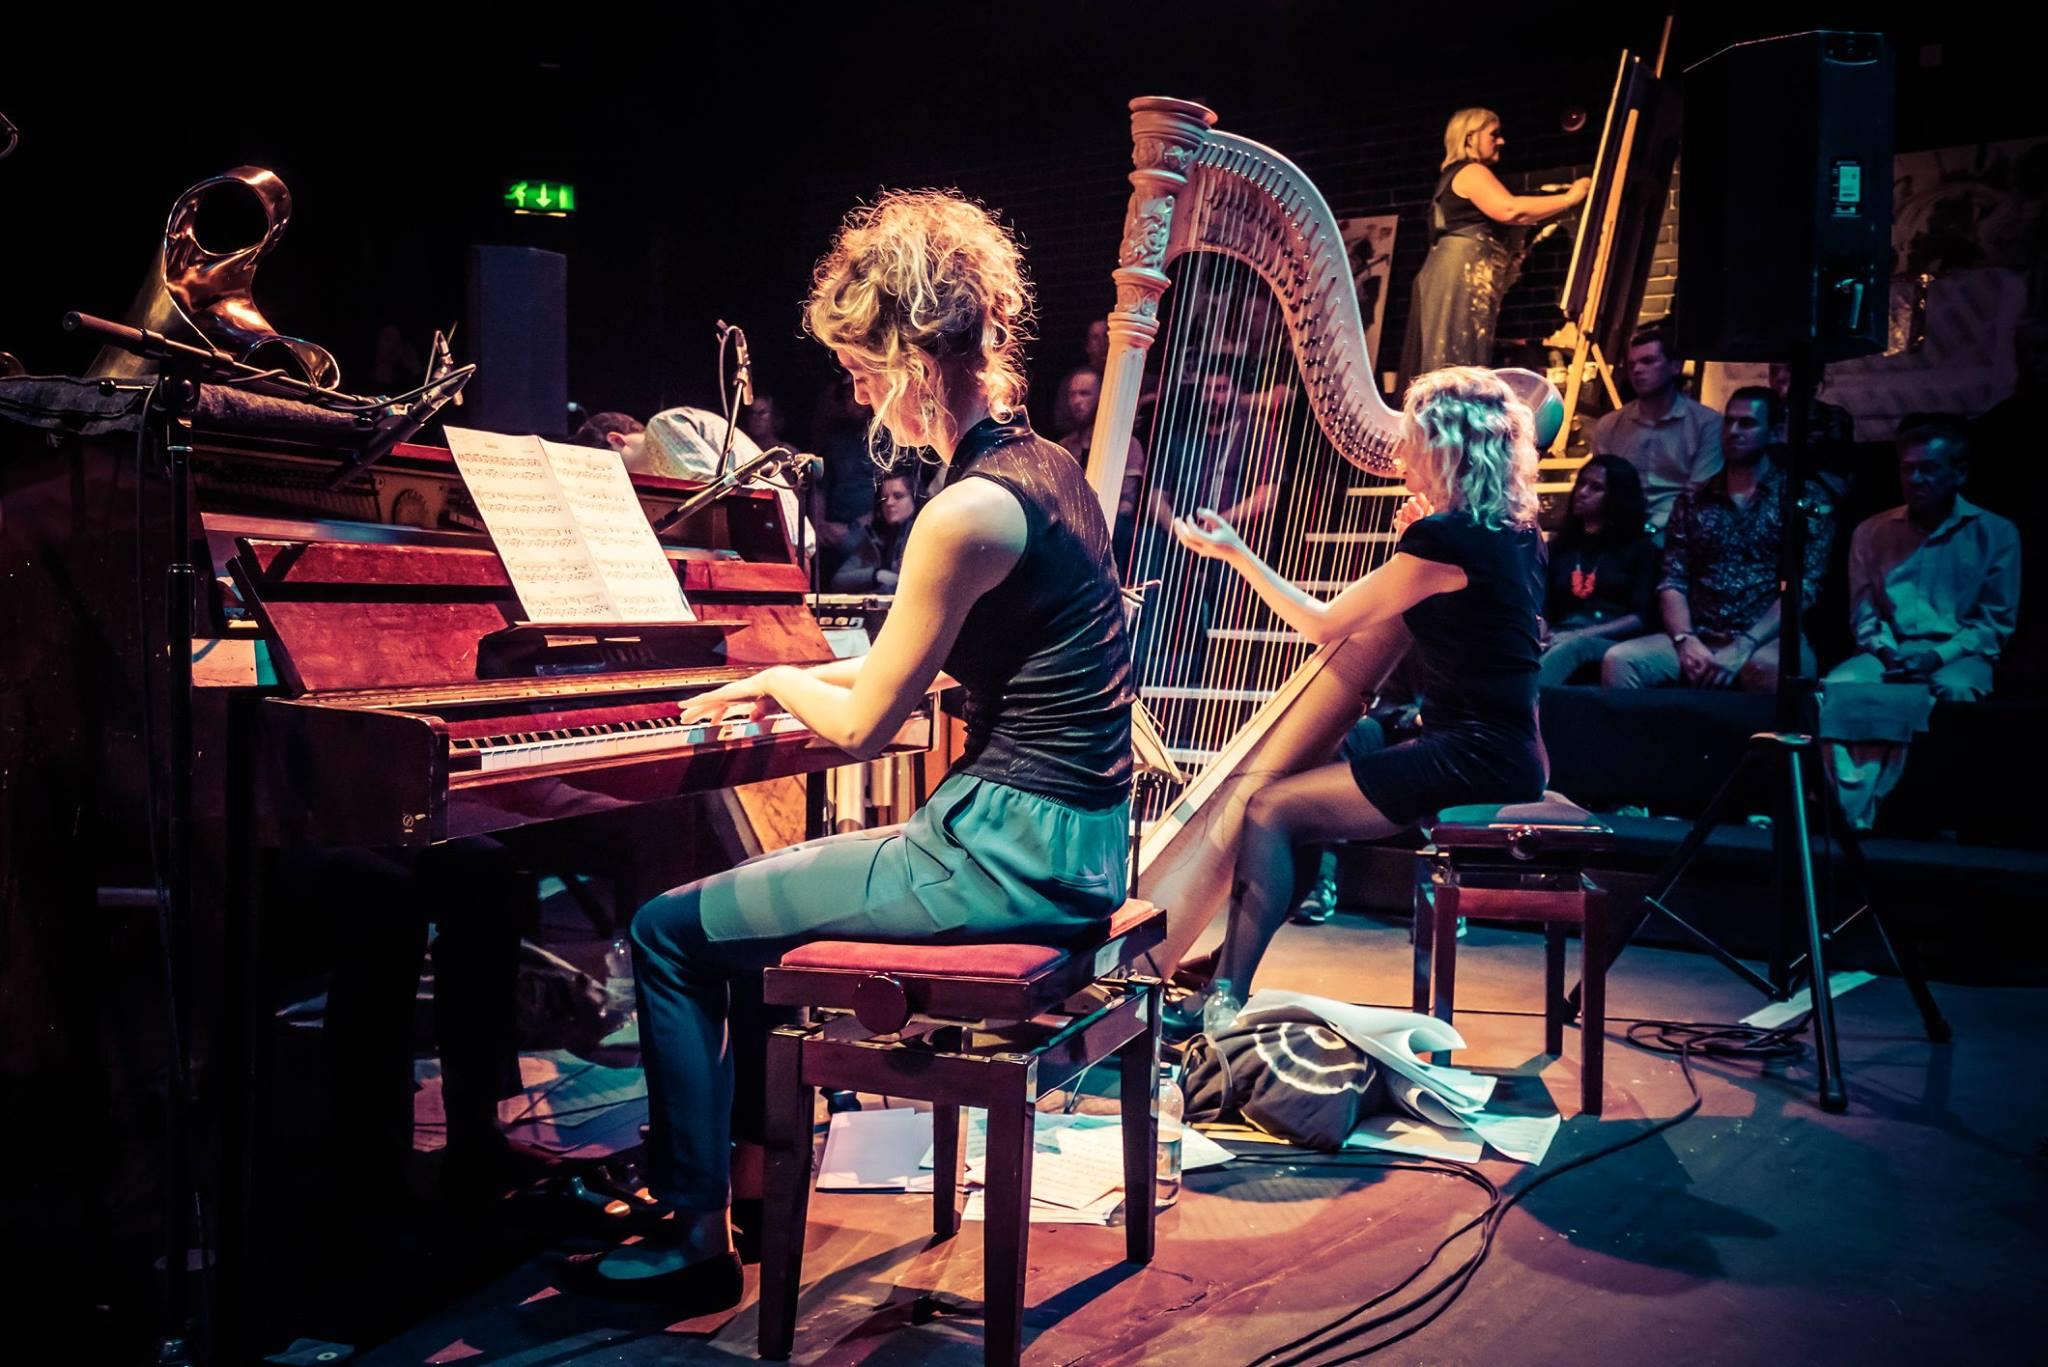 Edentide ensemble, Jazz in the Round